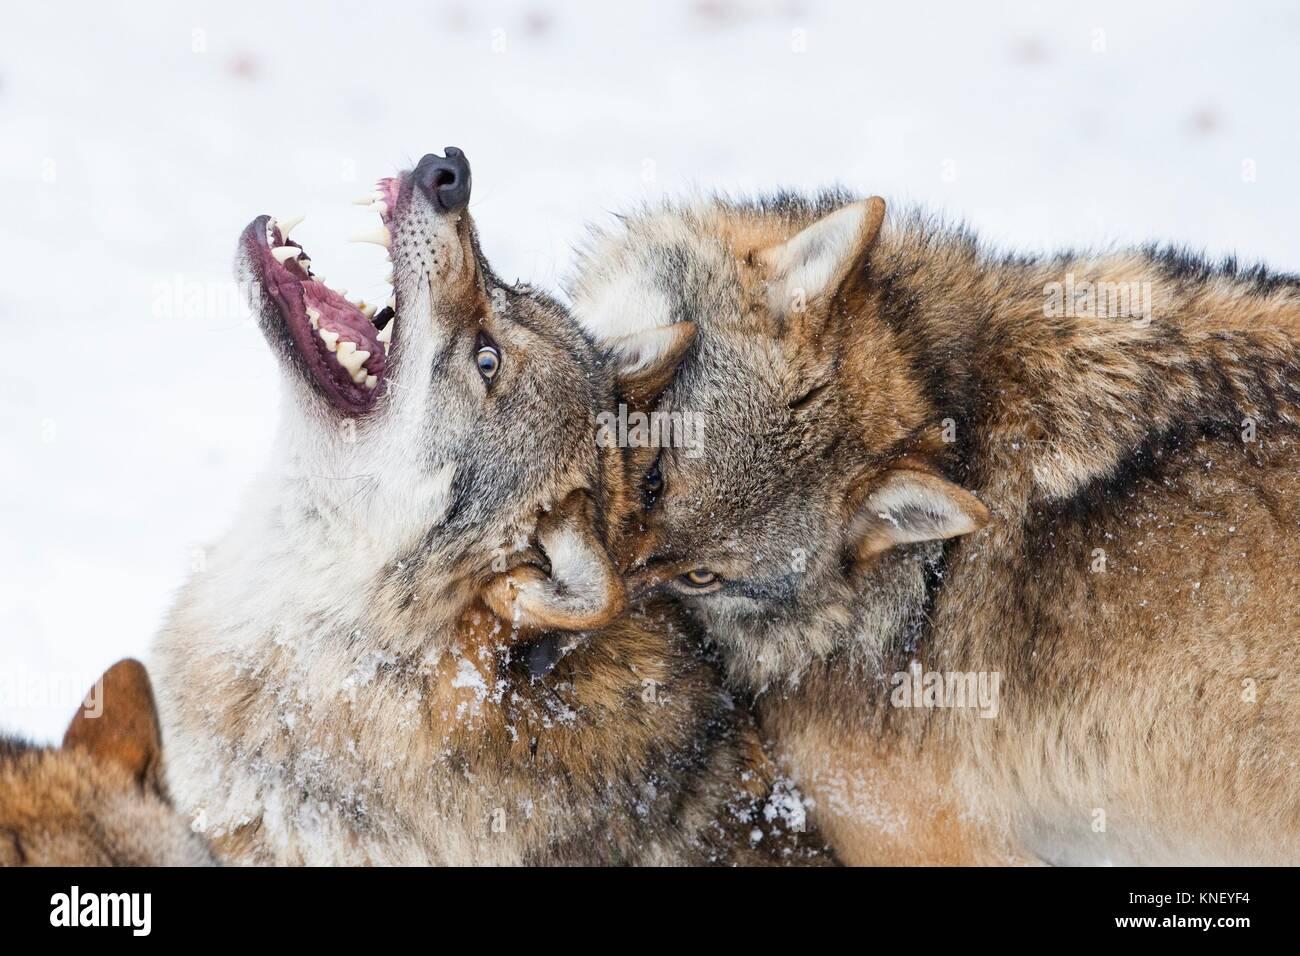 Zwei Wölfe (Canis lupus) kämpfen, Nationalpark Bayerischer Wald, Deutschland. Stockbild